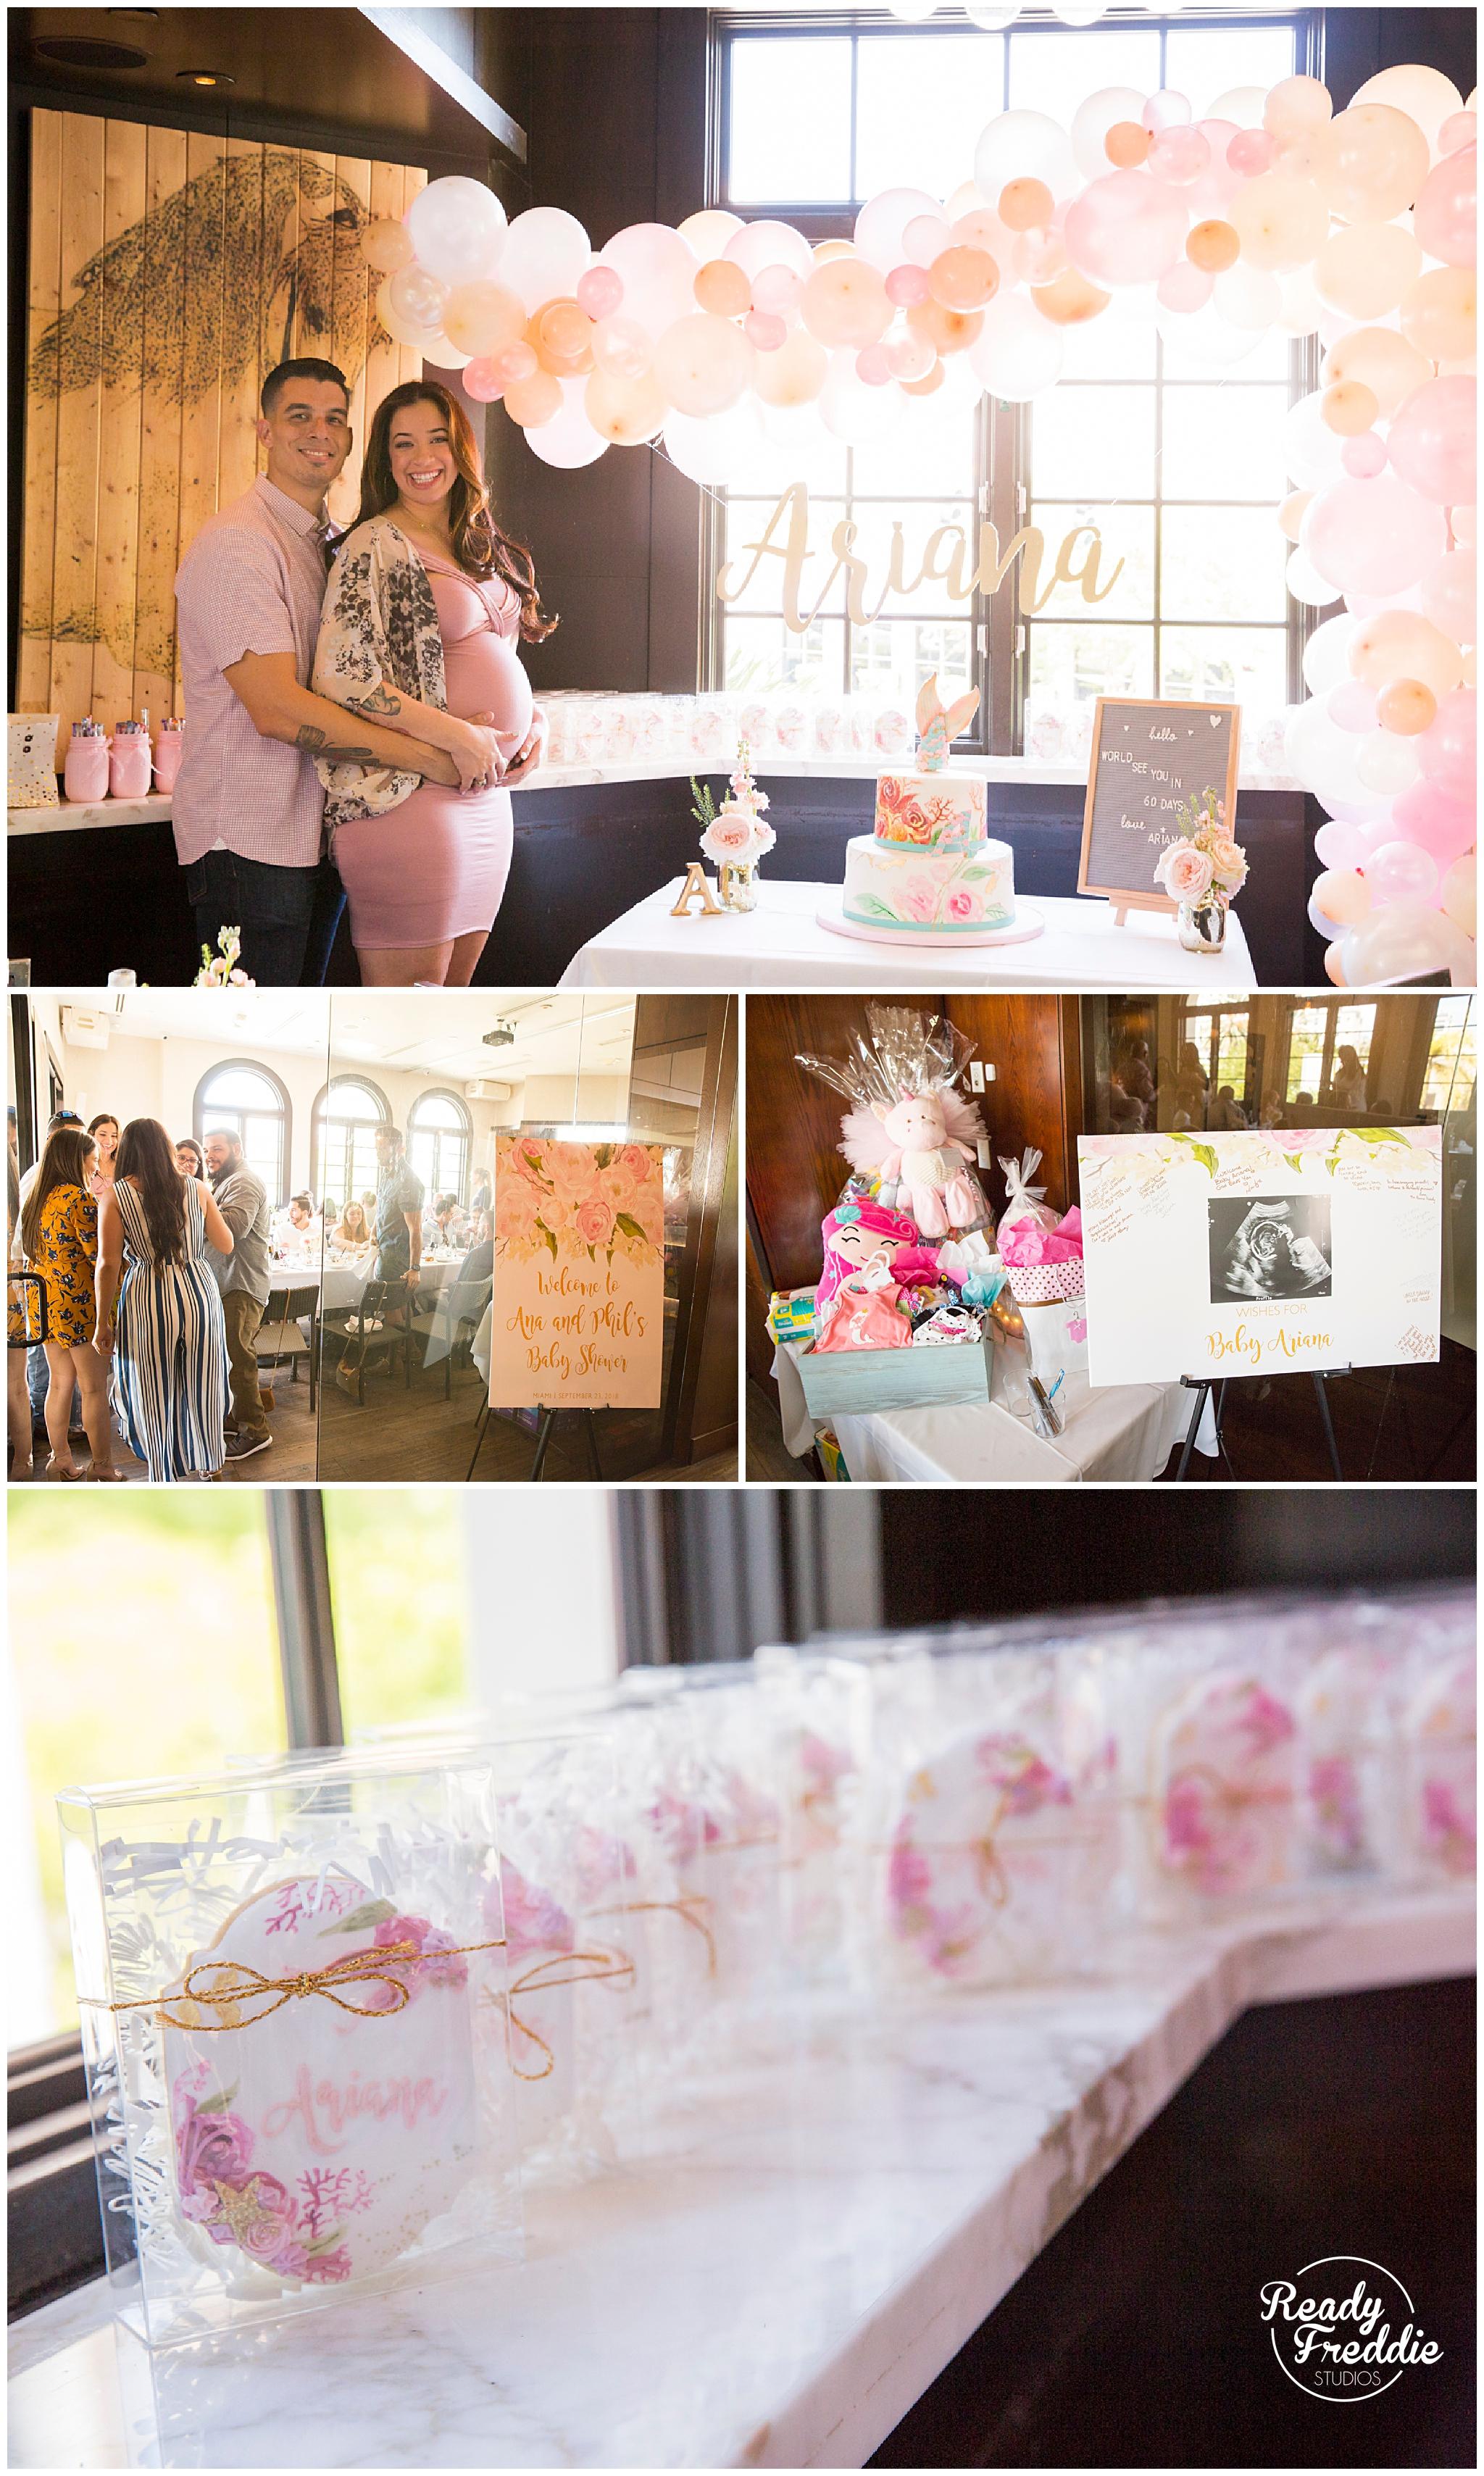 details of baby shower in miami, FL